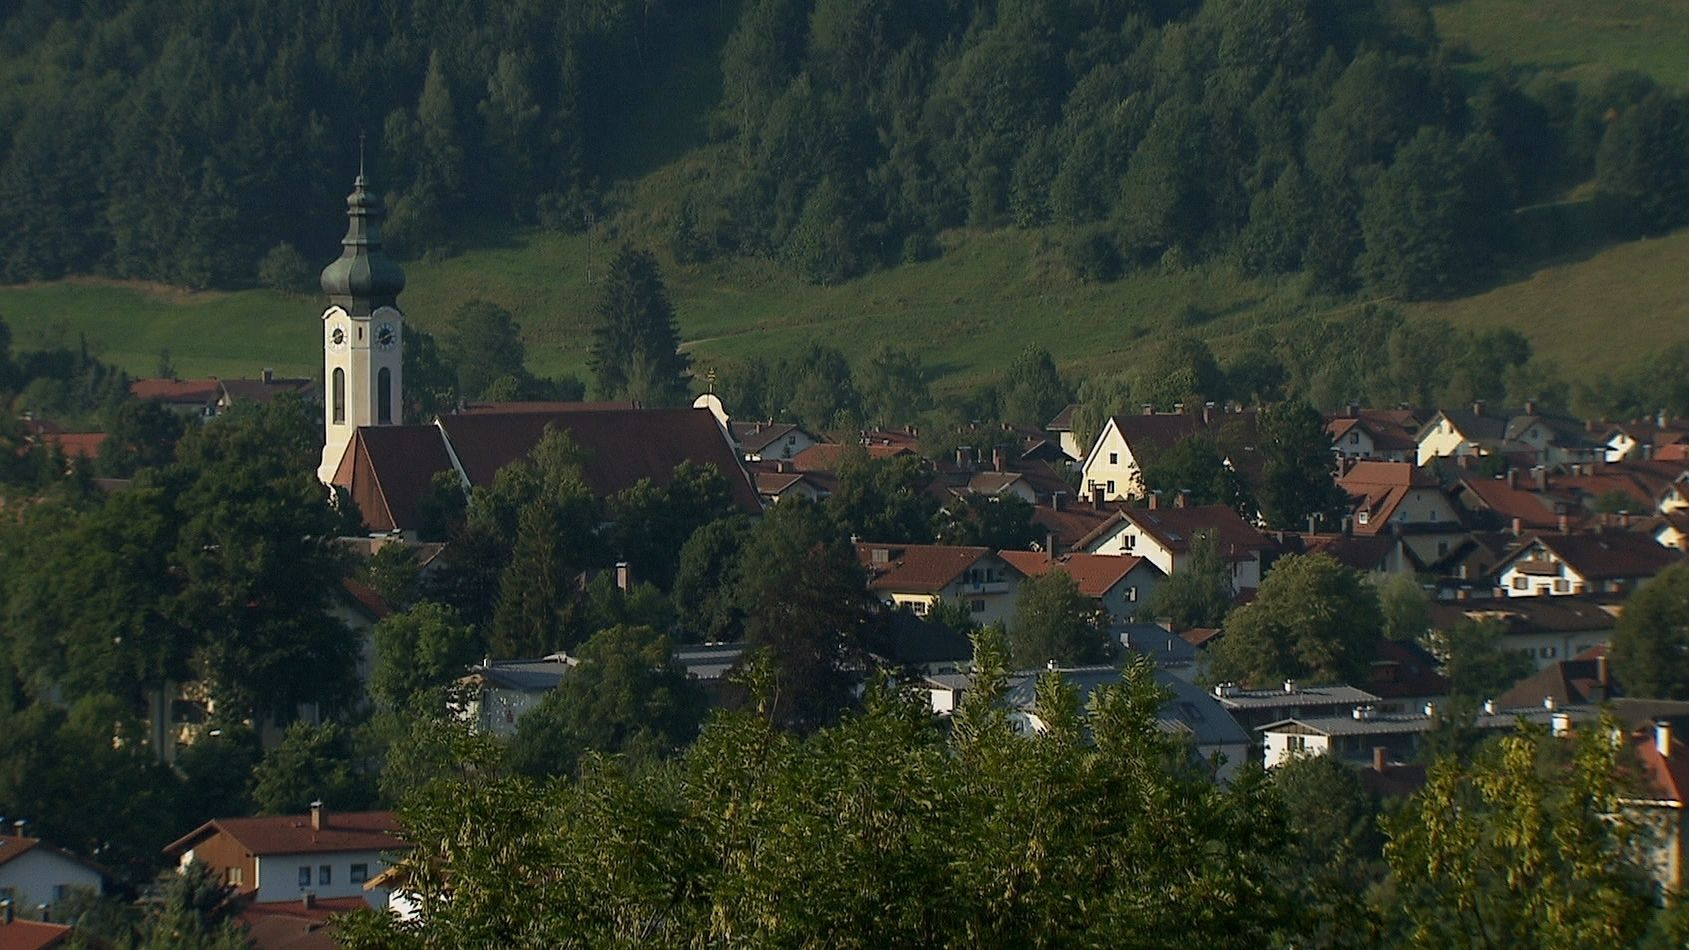 Der Ort Hausham im Landkreis Miesbach